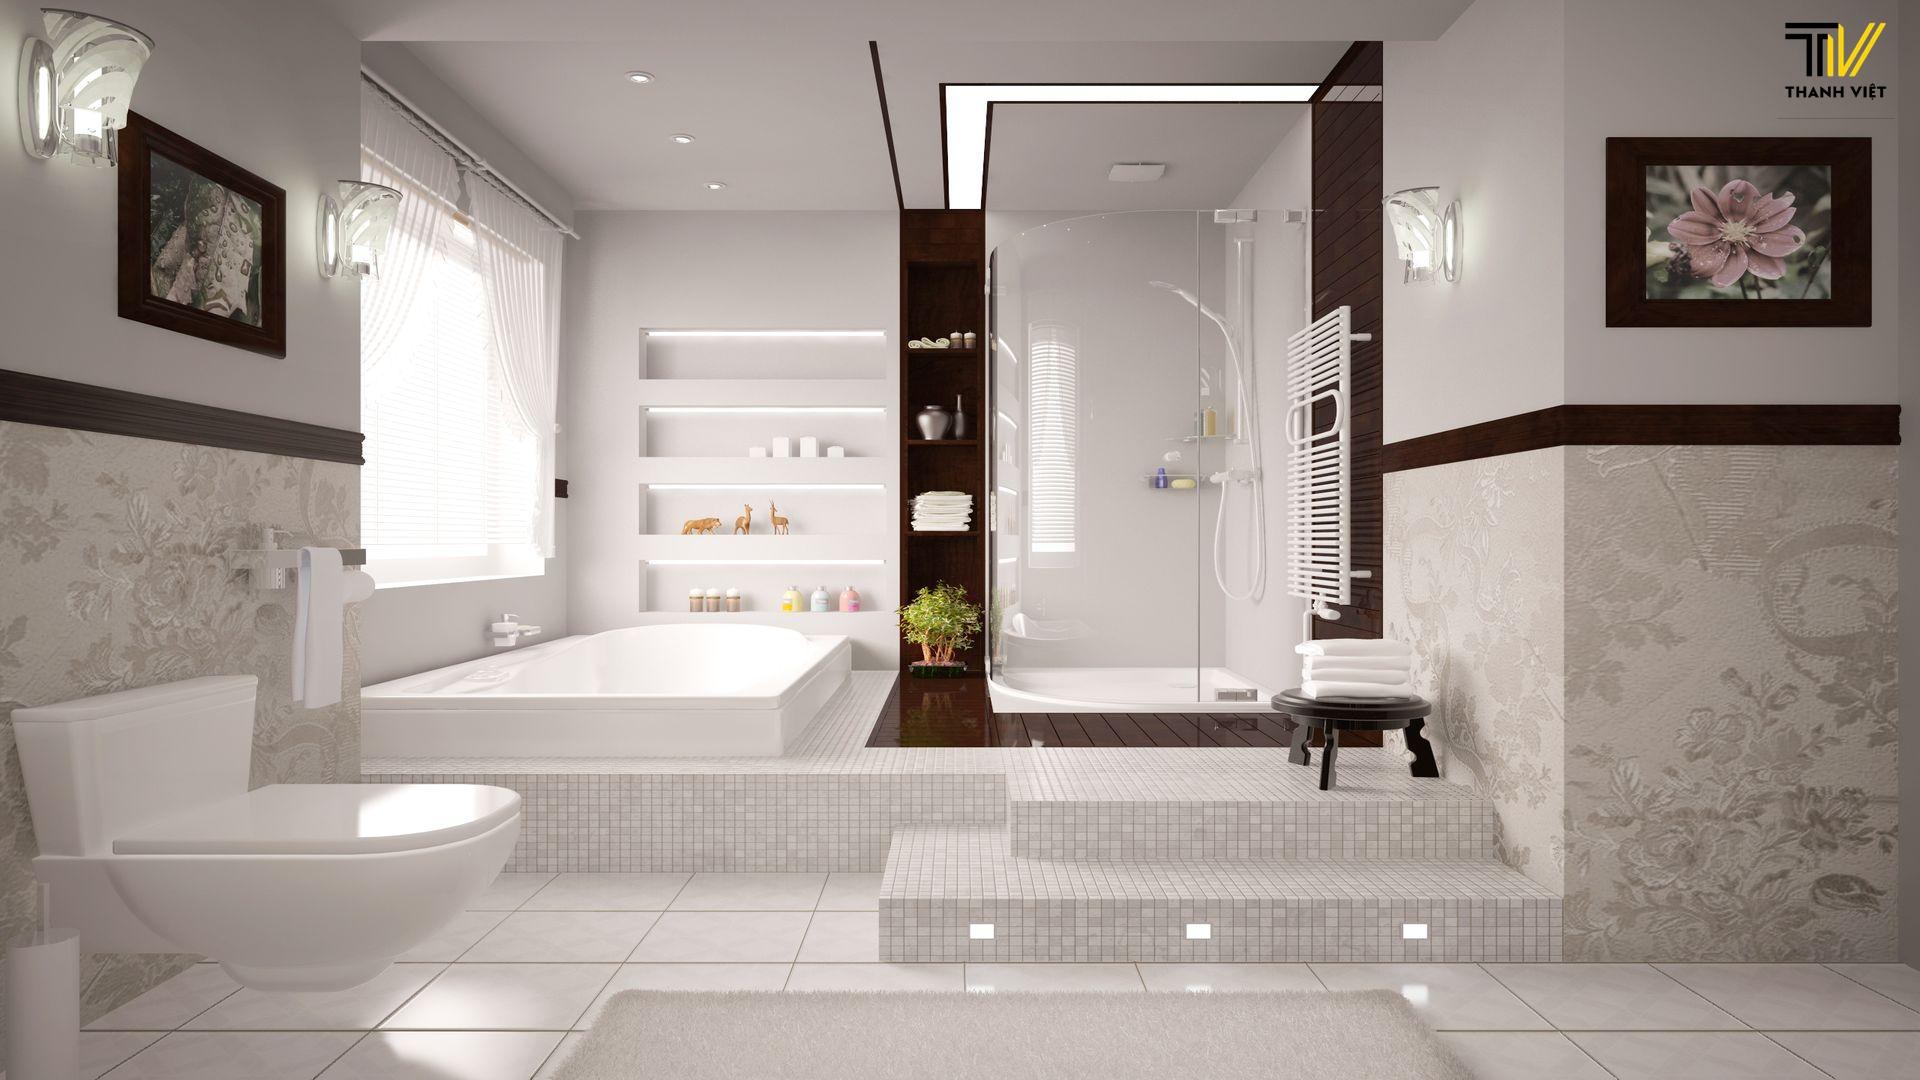 Bạn đã biết gì về phong thủy phòng tắm làm ảnh hưởng tài vận